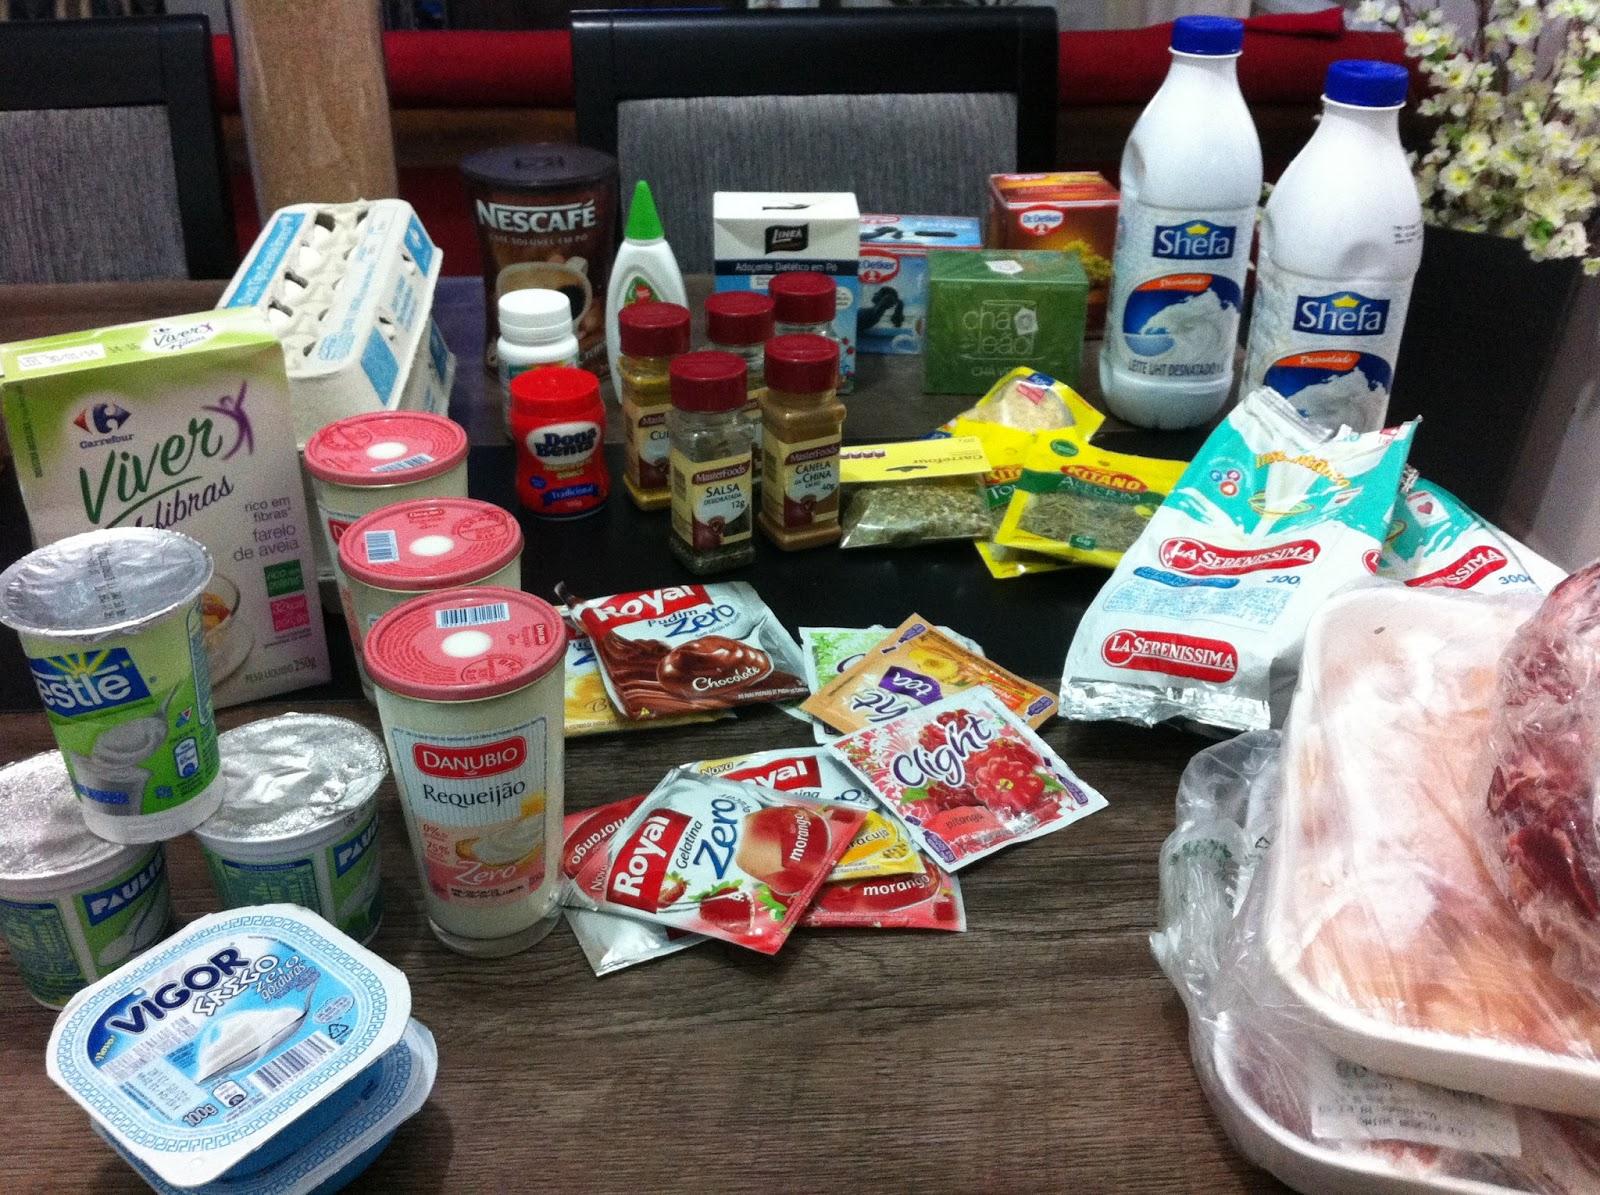 Di rio sobre a dieta e receitas dukan reedukan do instagram ao blog mini tutorial ataque - Dieta dukan alimentos prohibidos ...